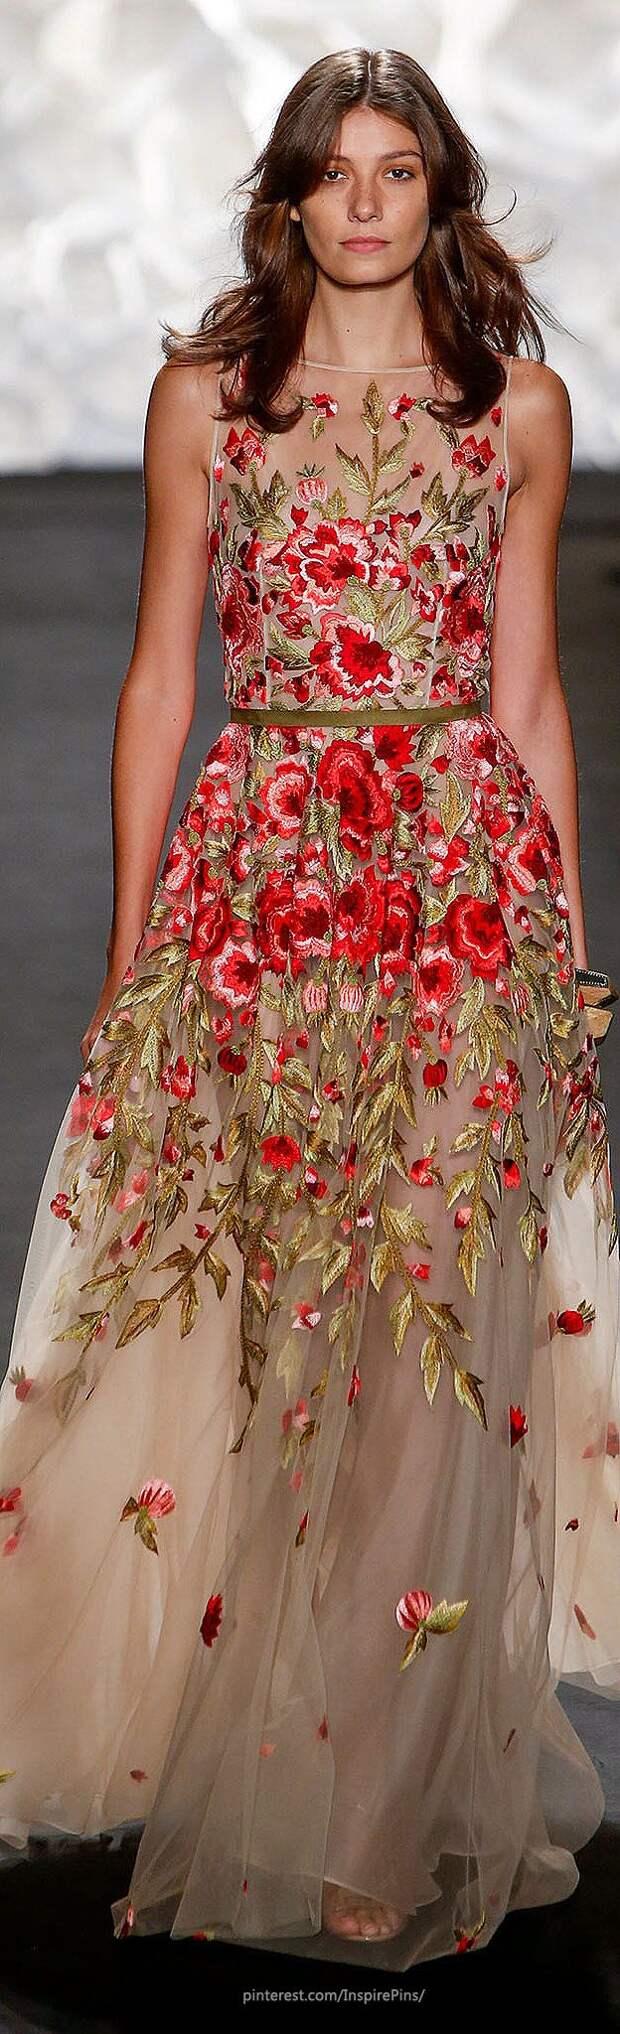 Цветы, задающие стиль: непроходящая мода на красоту